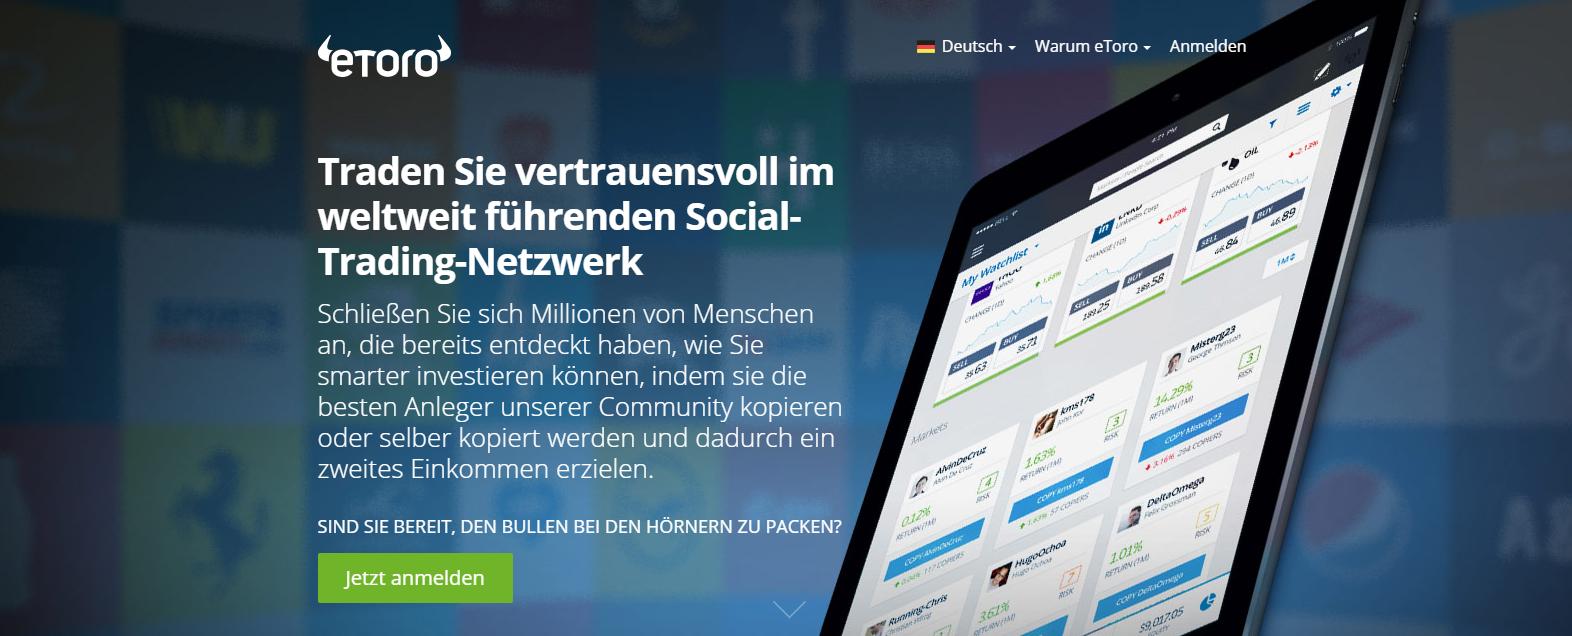 Die Social-Trading-Plattform eToro gibt Tradern die Möglichkeit, sich andauernd austauschen zu können